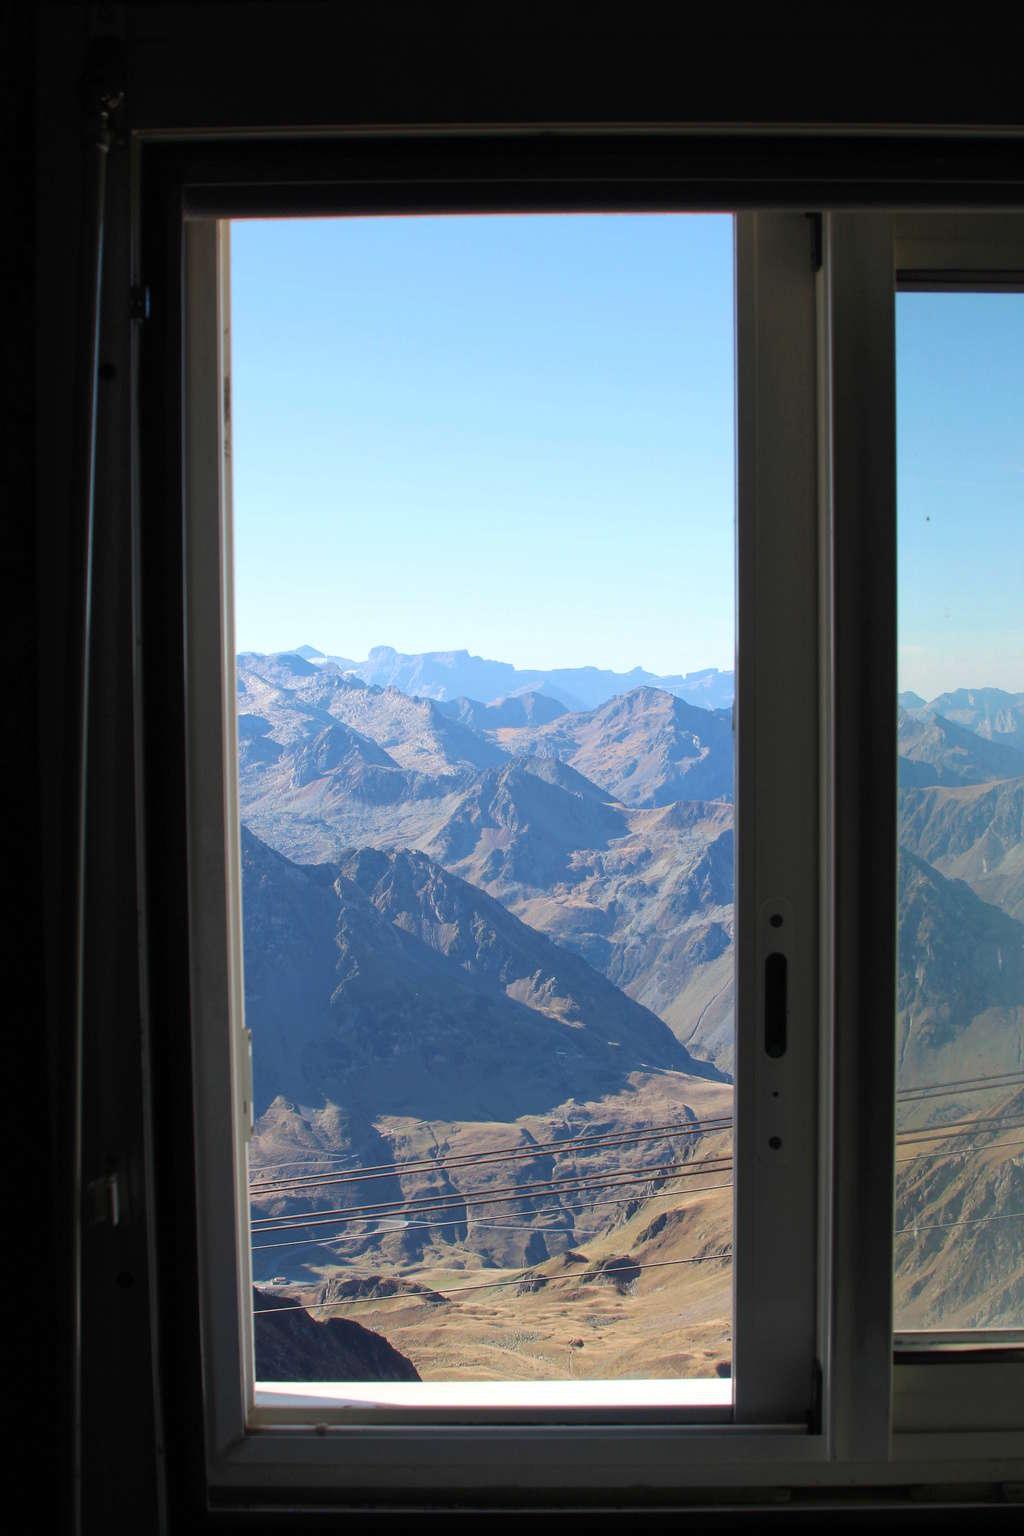 Quatrième mission au Pic du Midi, T60, semaine 42 Img_3613